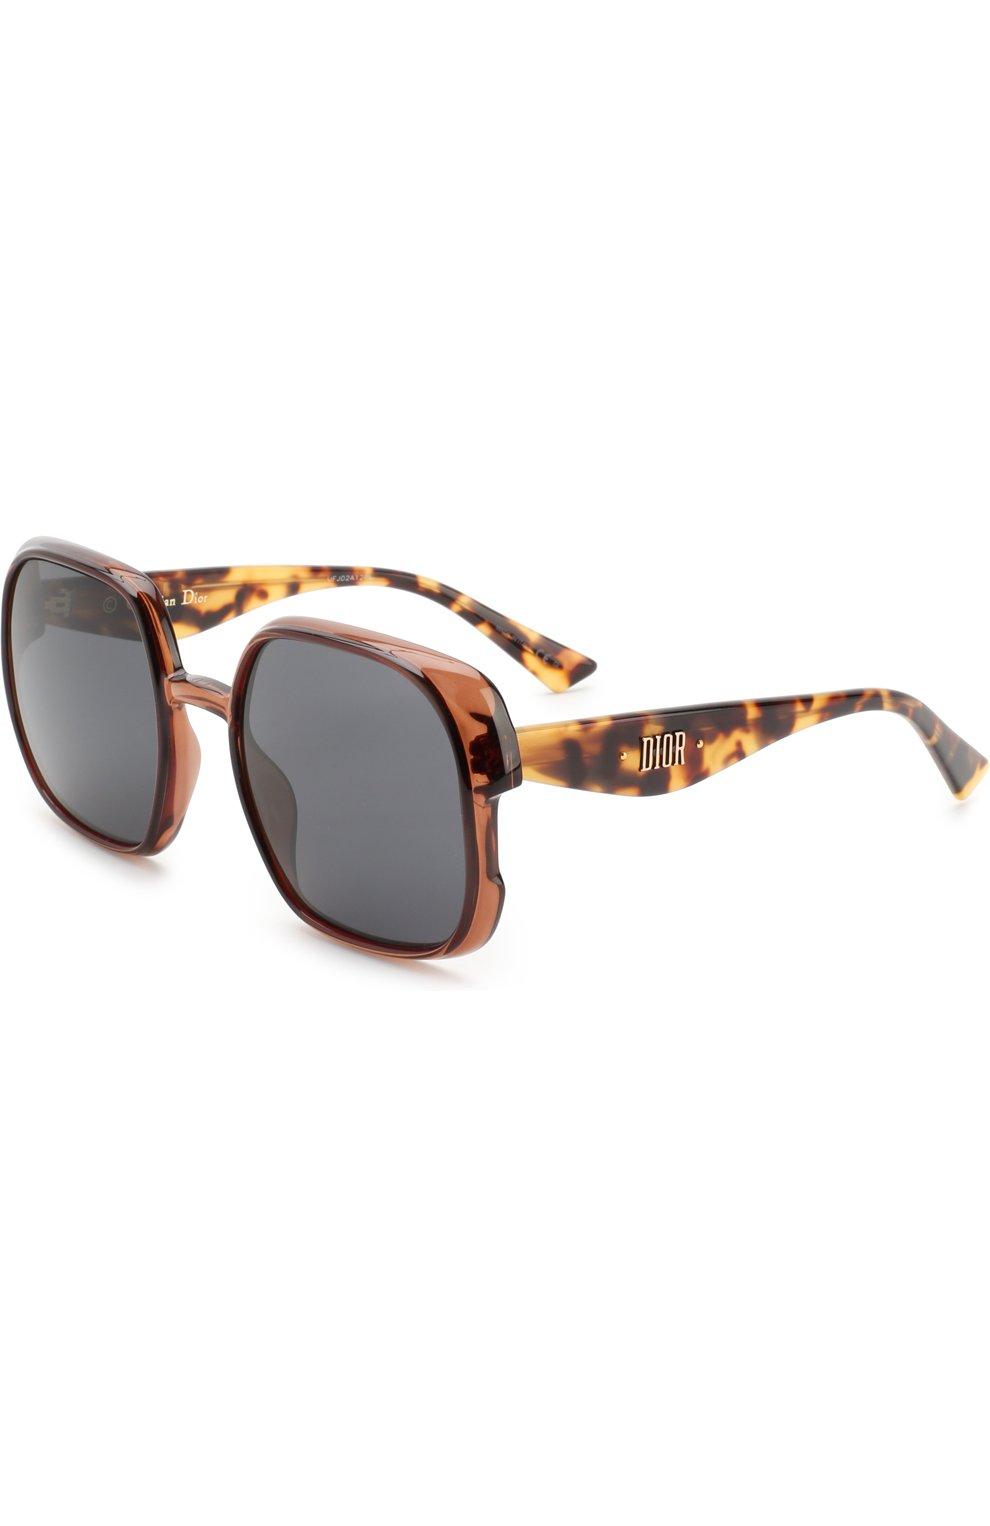 Женские солнцезащитные очки DIOR коричневого цвета, арт. DI0RNUANCE 09Q   Фото 1